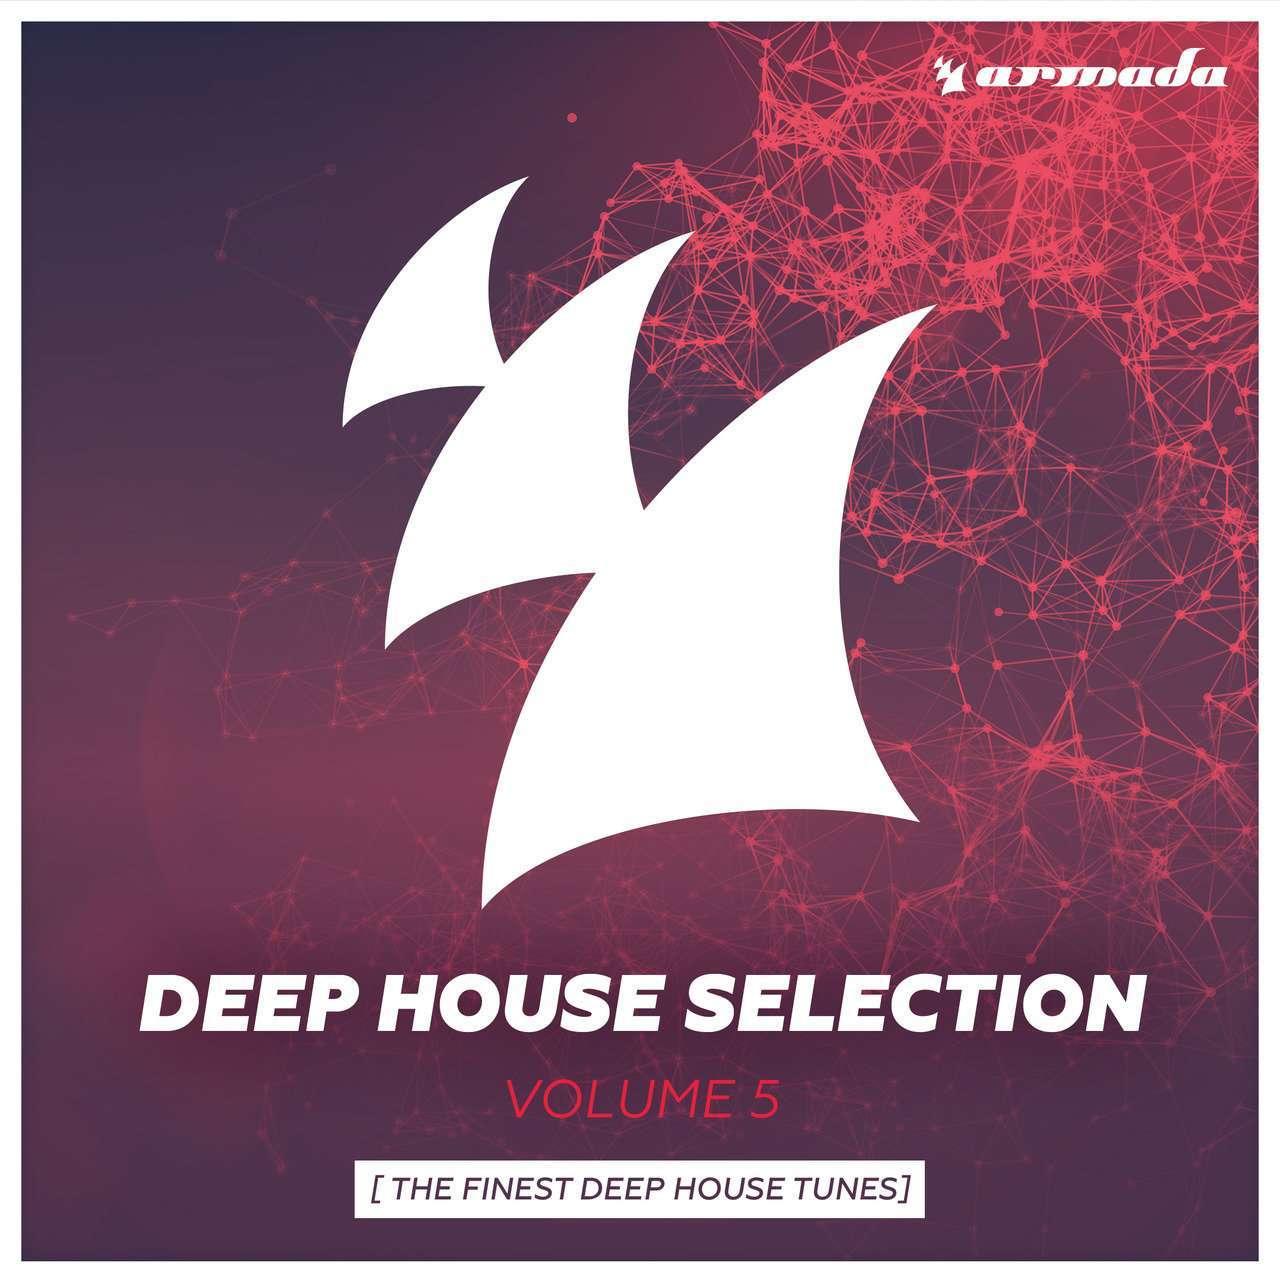 Armada《Armada Deep House Selection Vol. 5 (The Finest Deep House Tunes)》[CD级无损/44.1kHz/16bit]